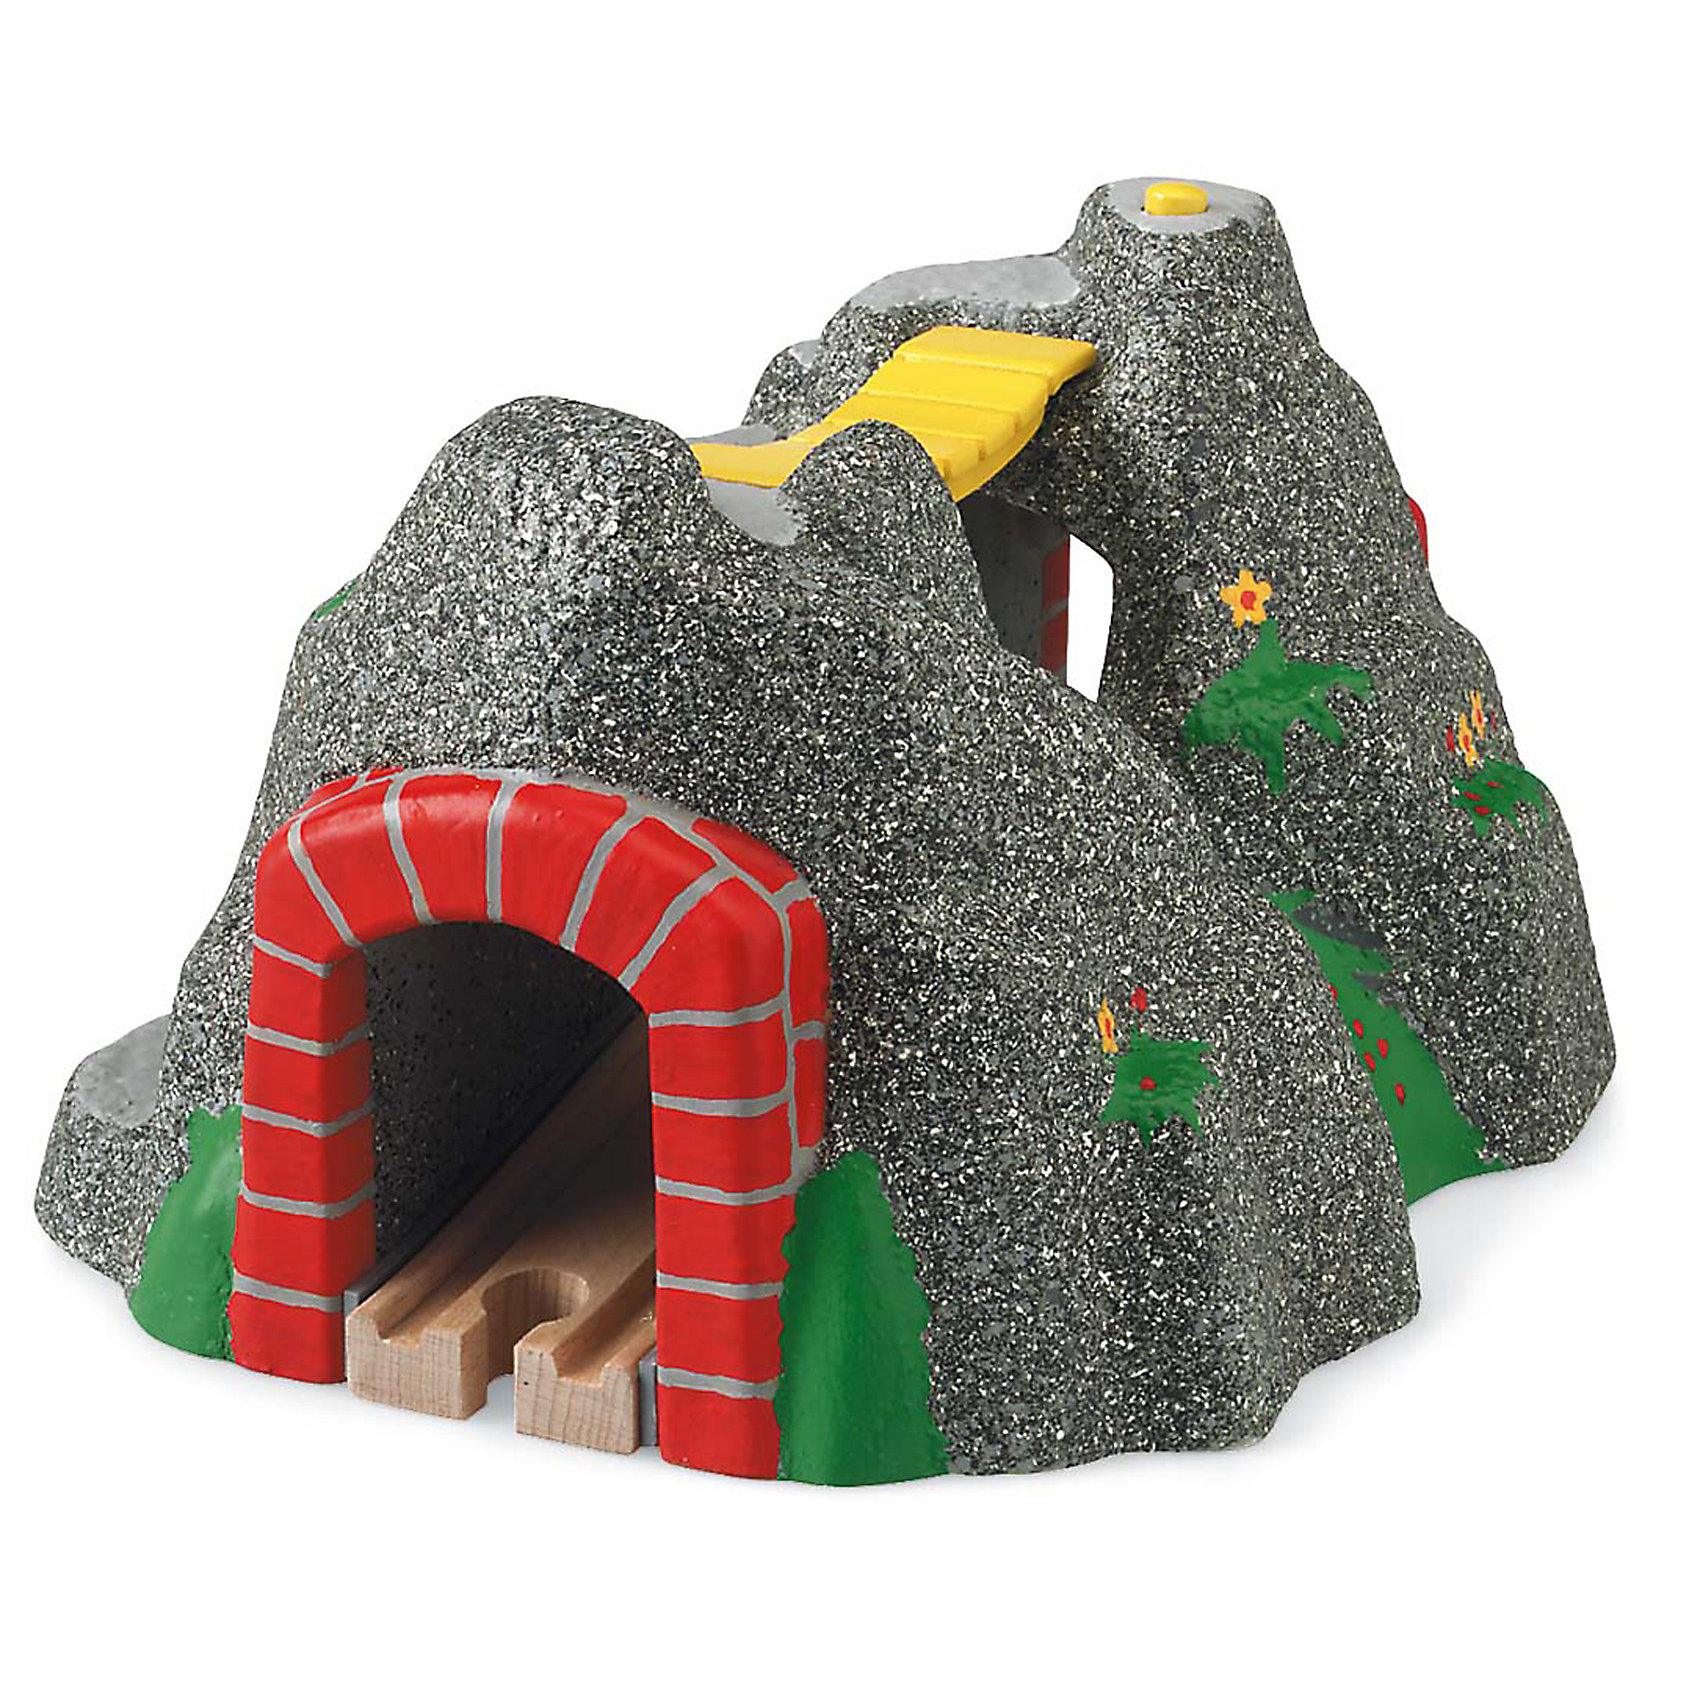 33481 Magischer Tunnel